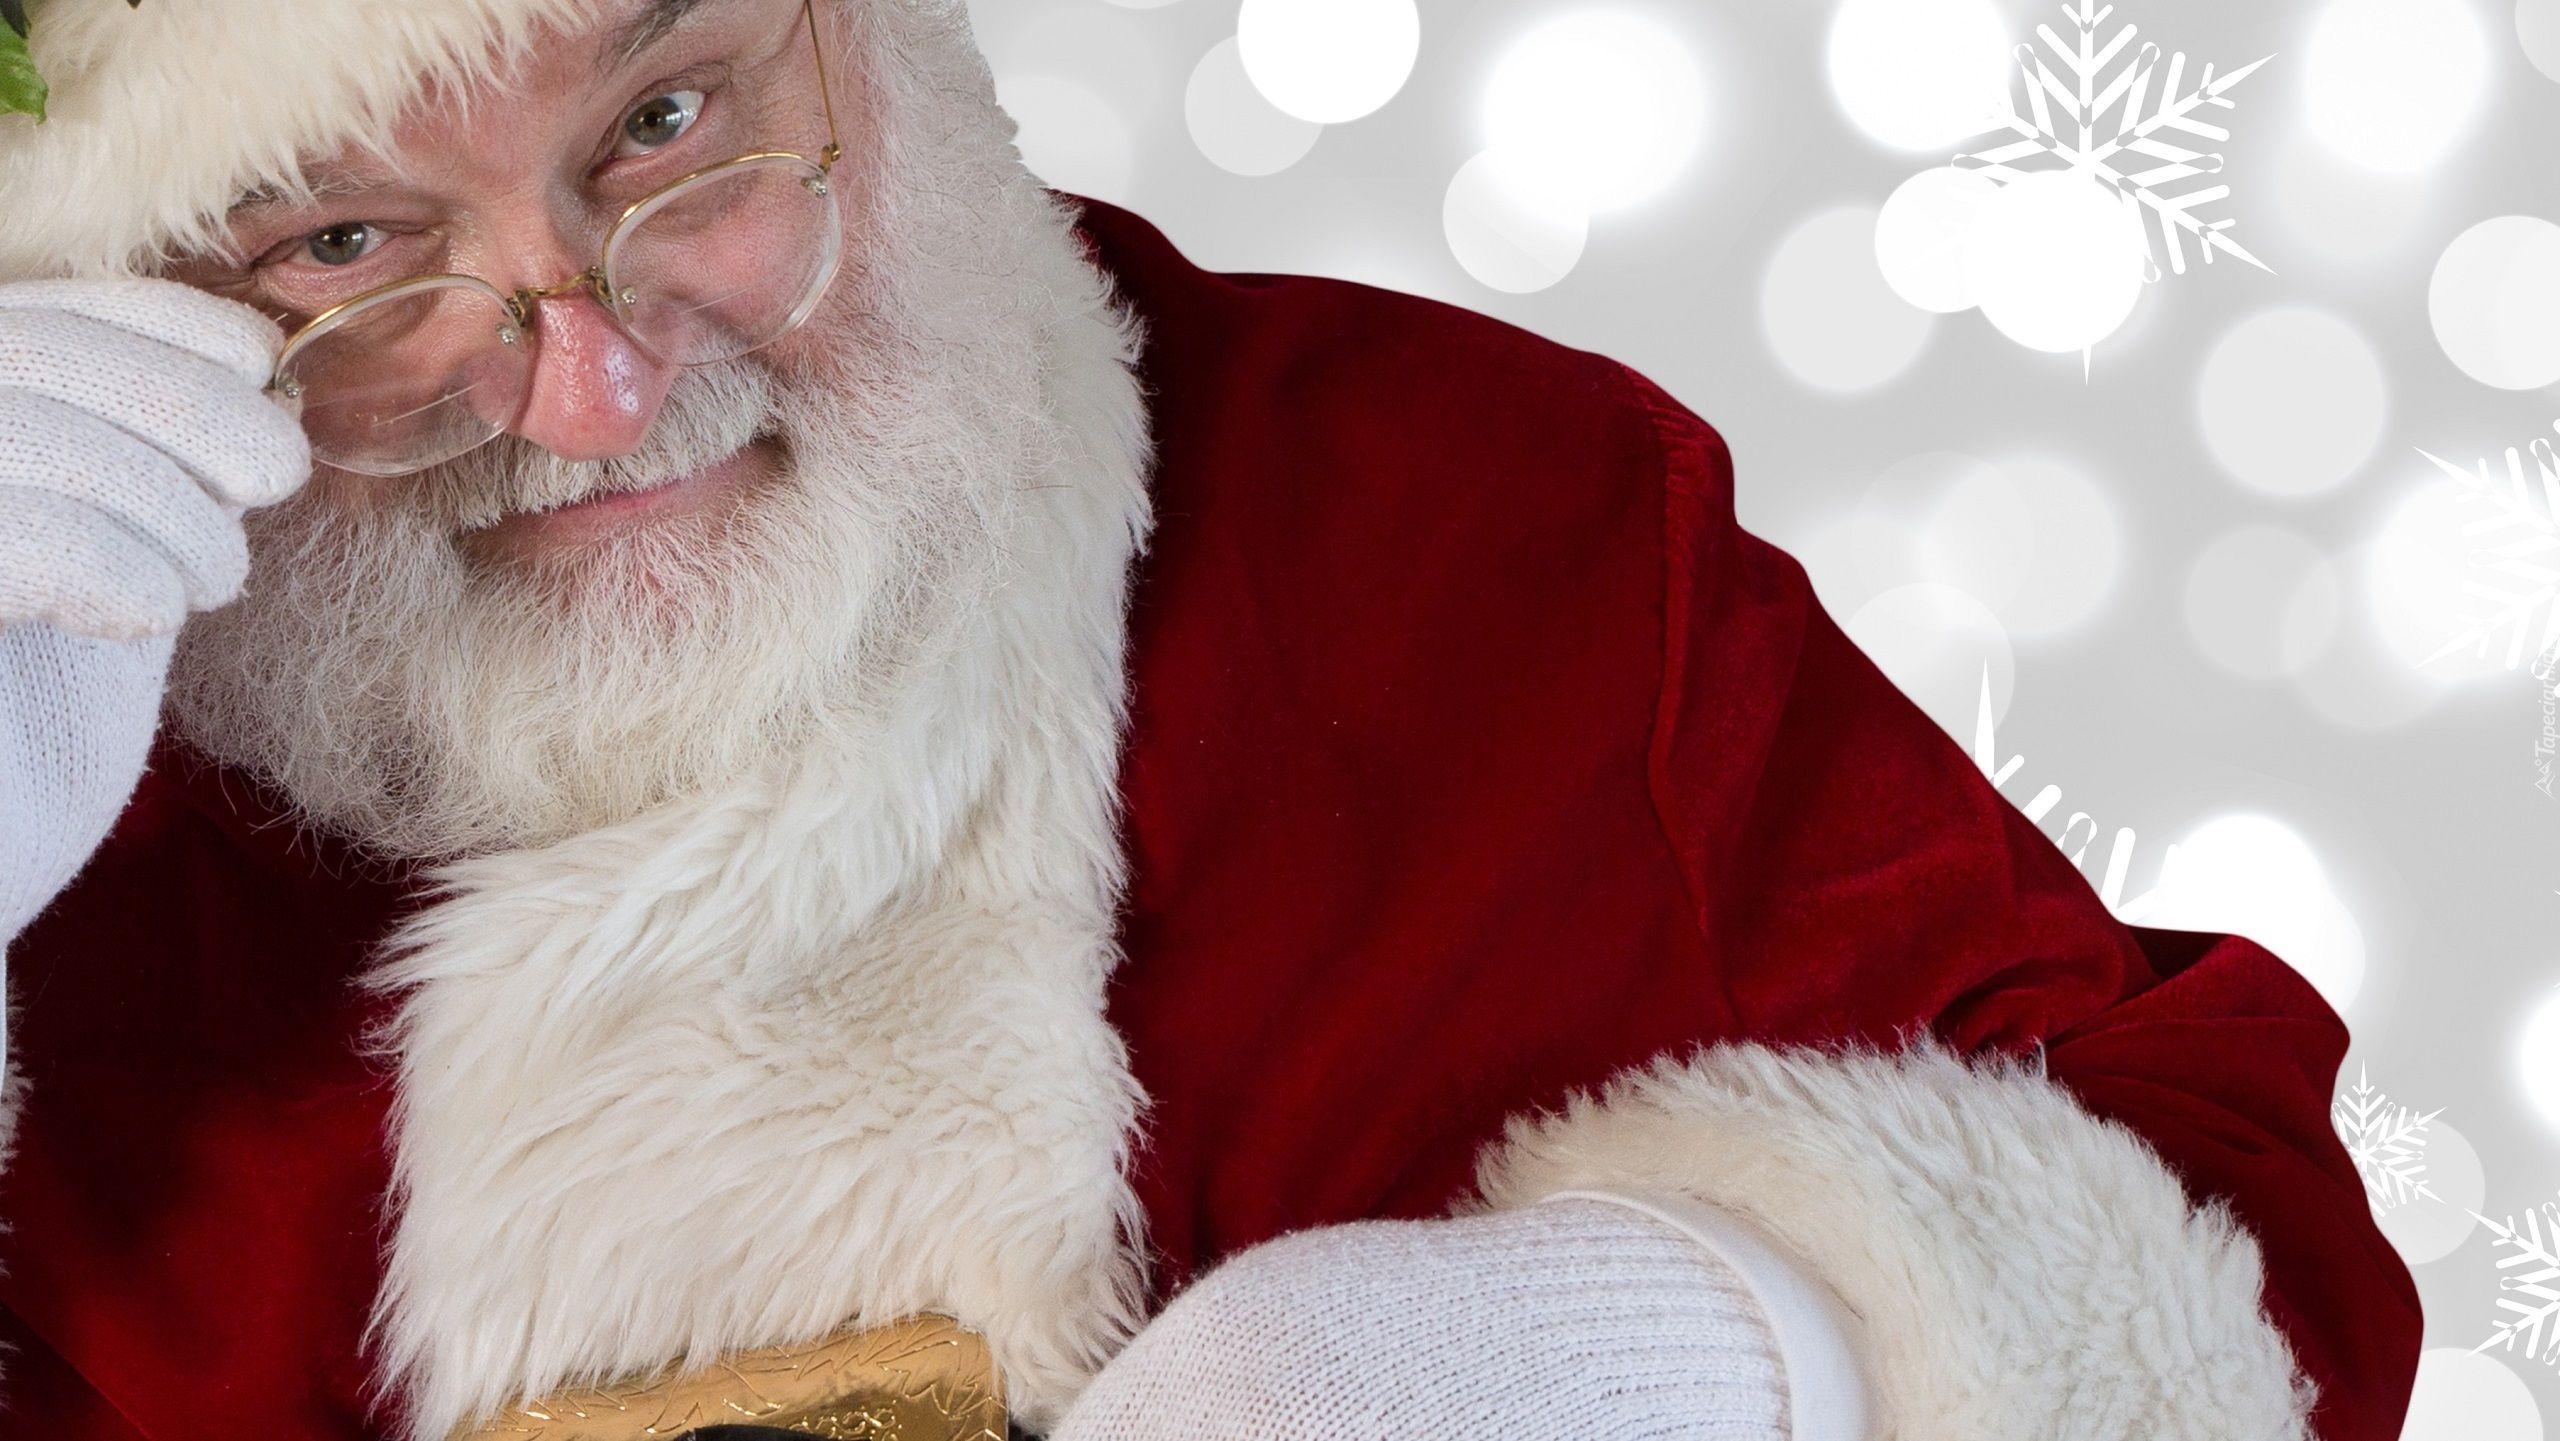 Mikołaj okulary Święta tapety świąteczne i okolicznościowe